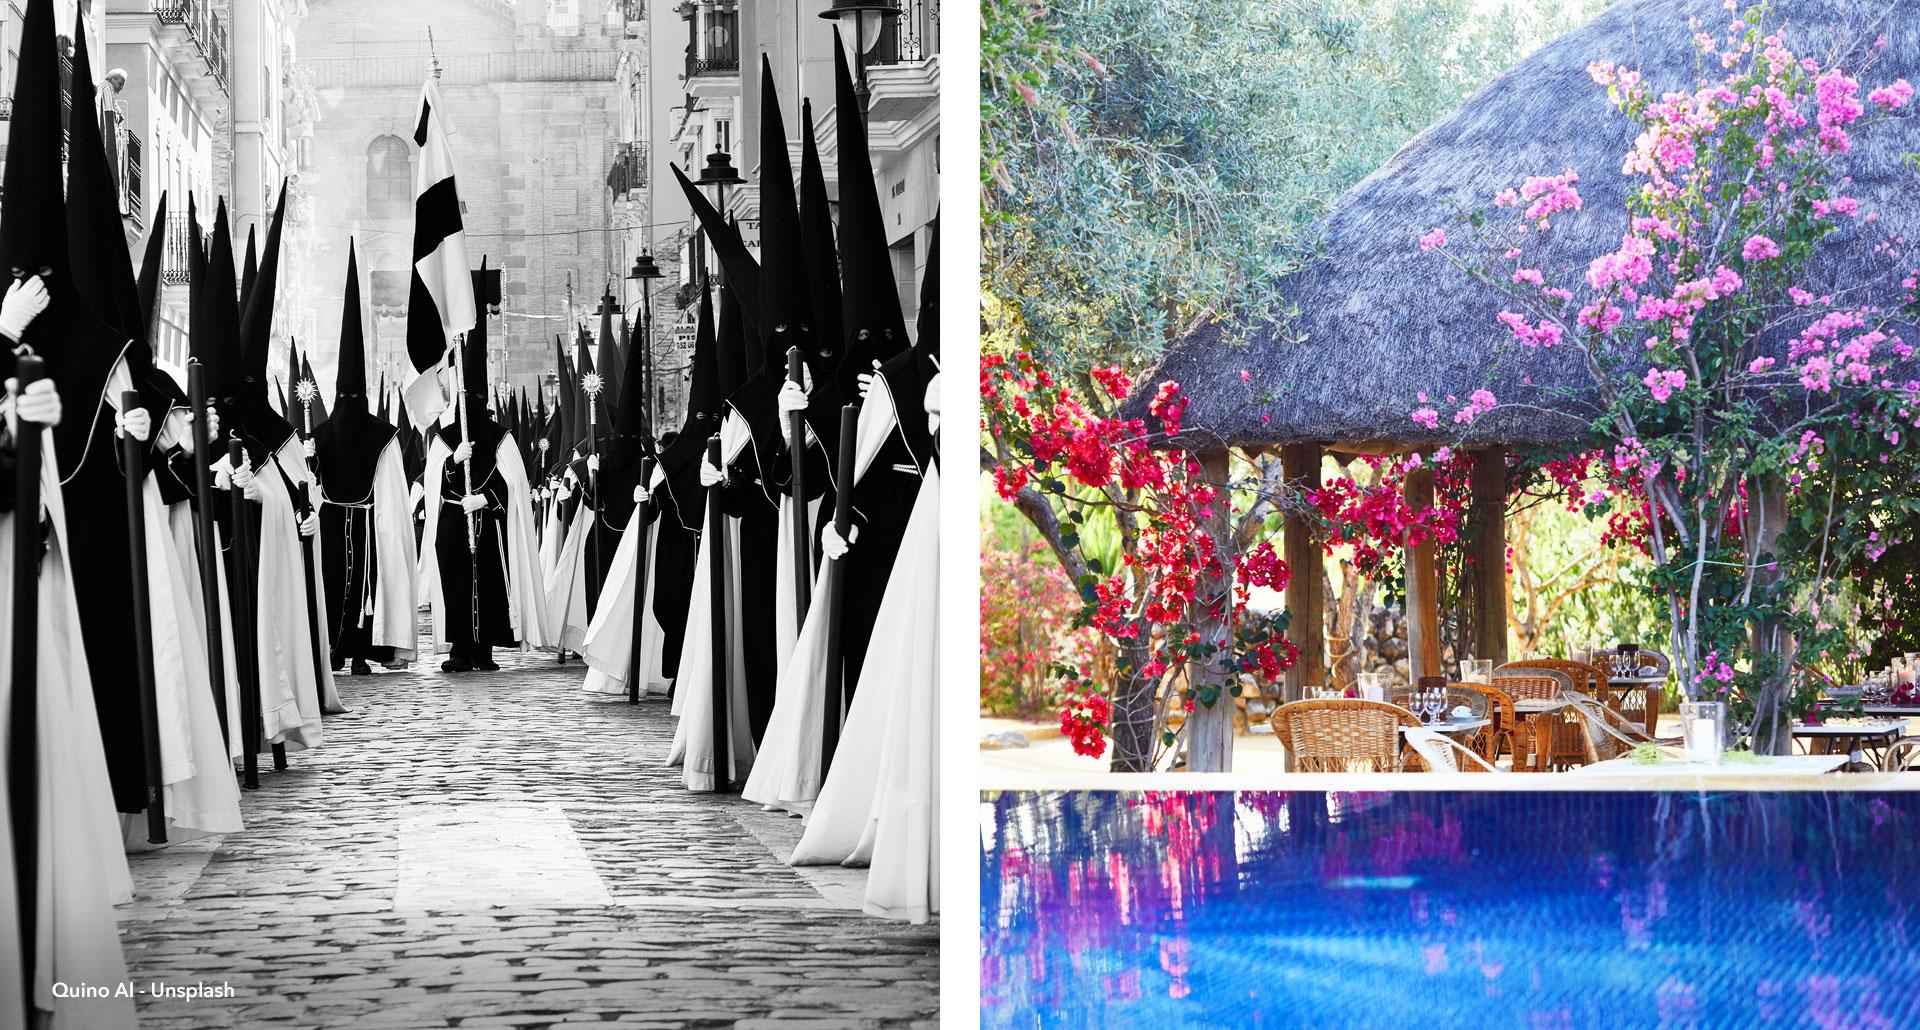 Hacienda De San Rafael - boutique hotel in Siviglia